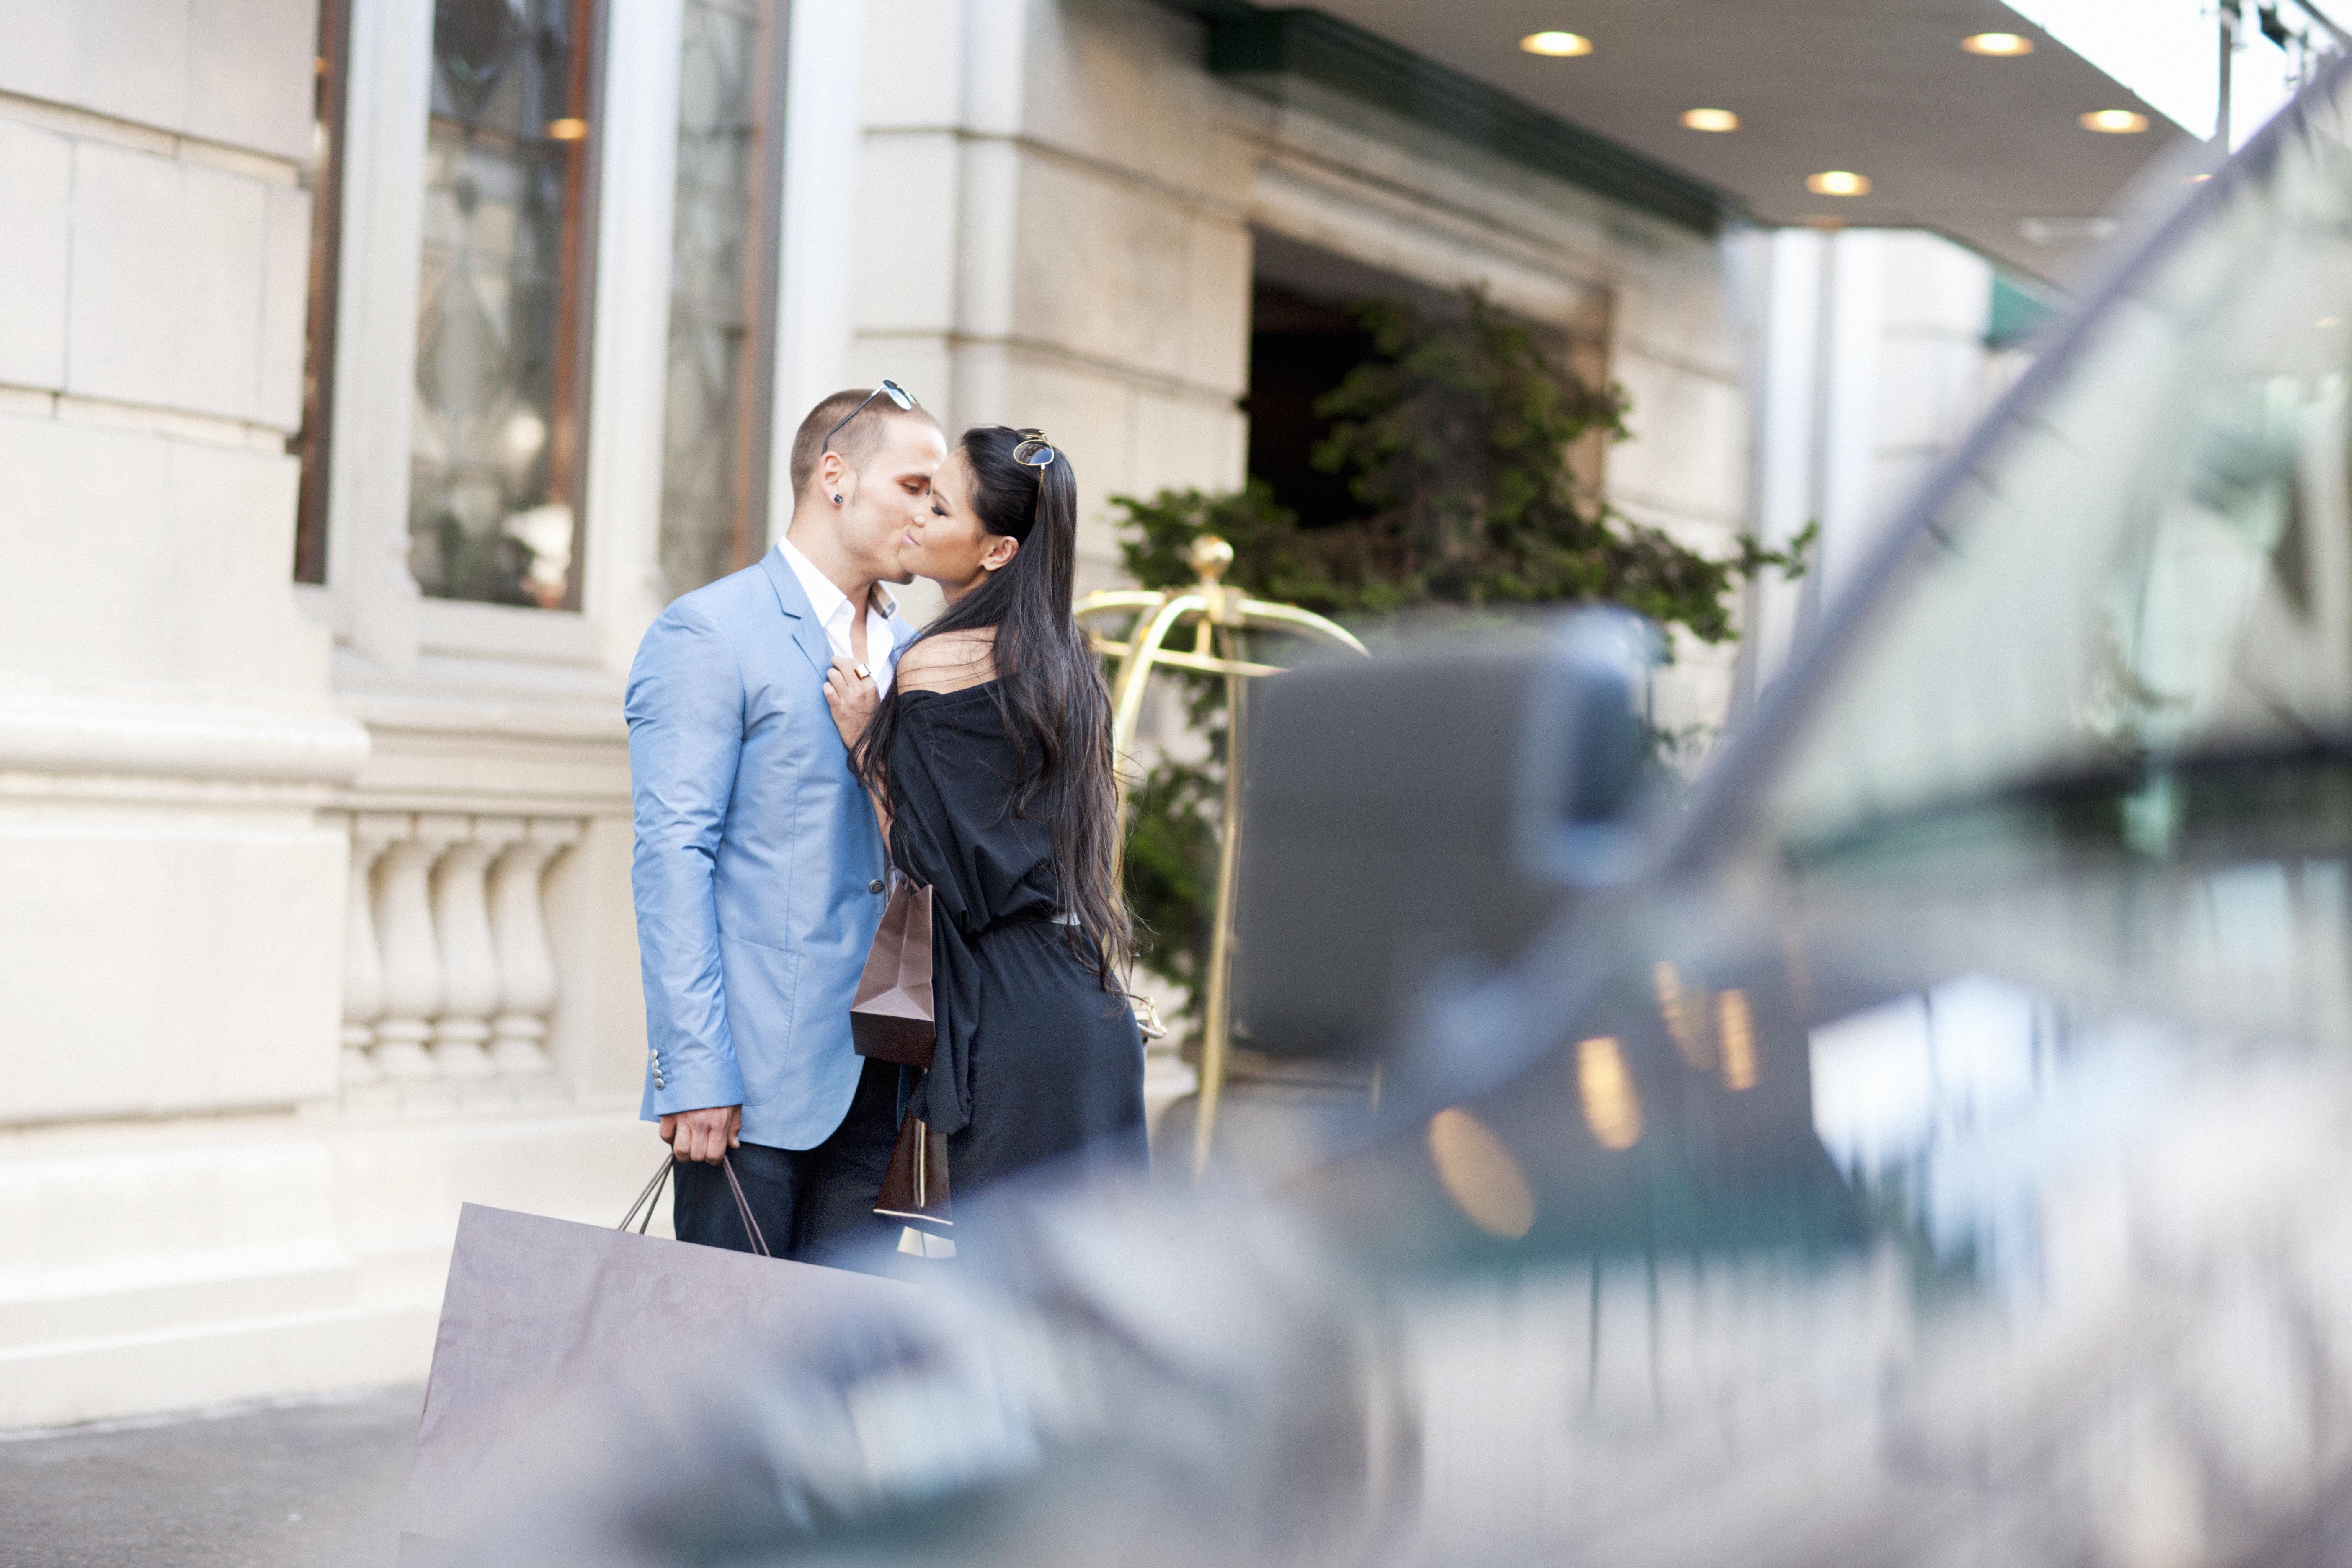 Betrug: Mein Mann ist ein Sugar Daddy – nach 20 Jahren entdeckte ich sein